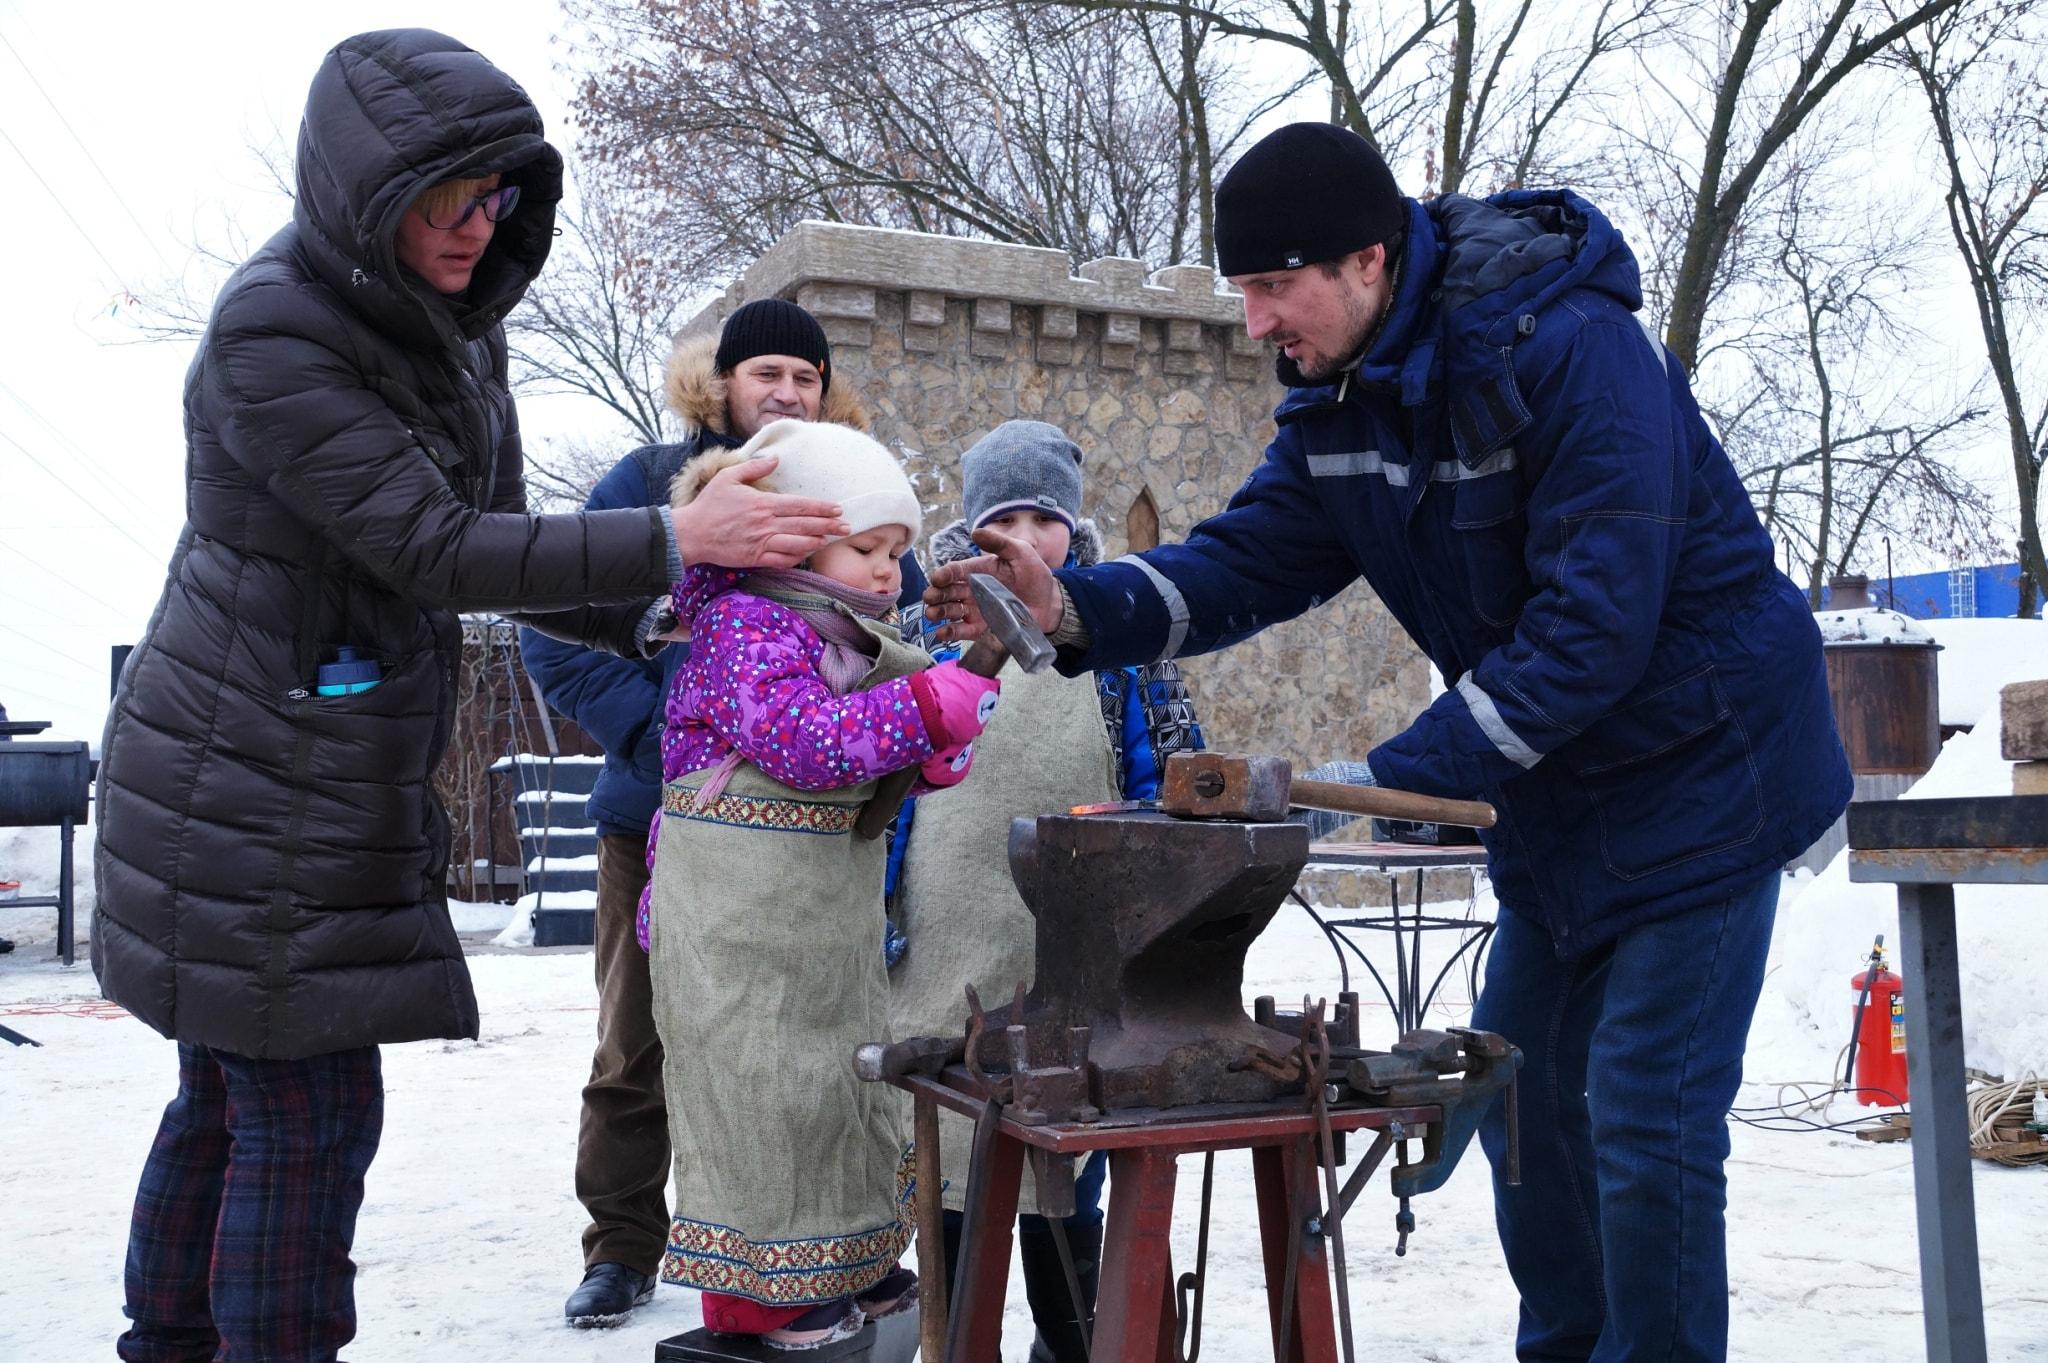 Кузнечный праздник в Белгороде